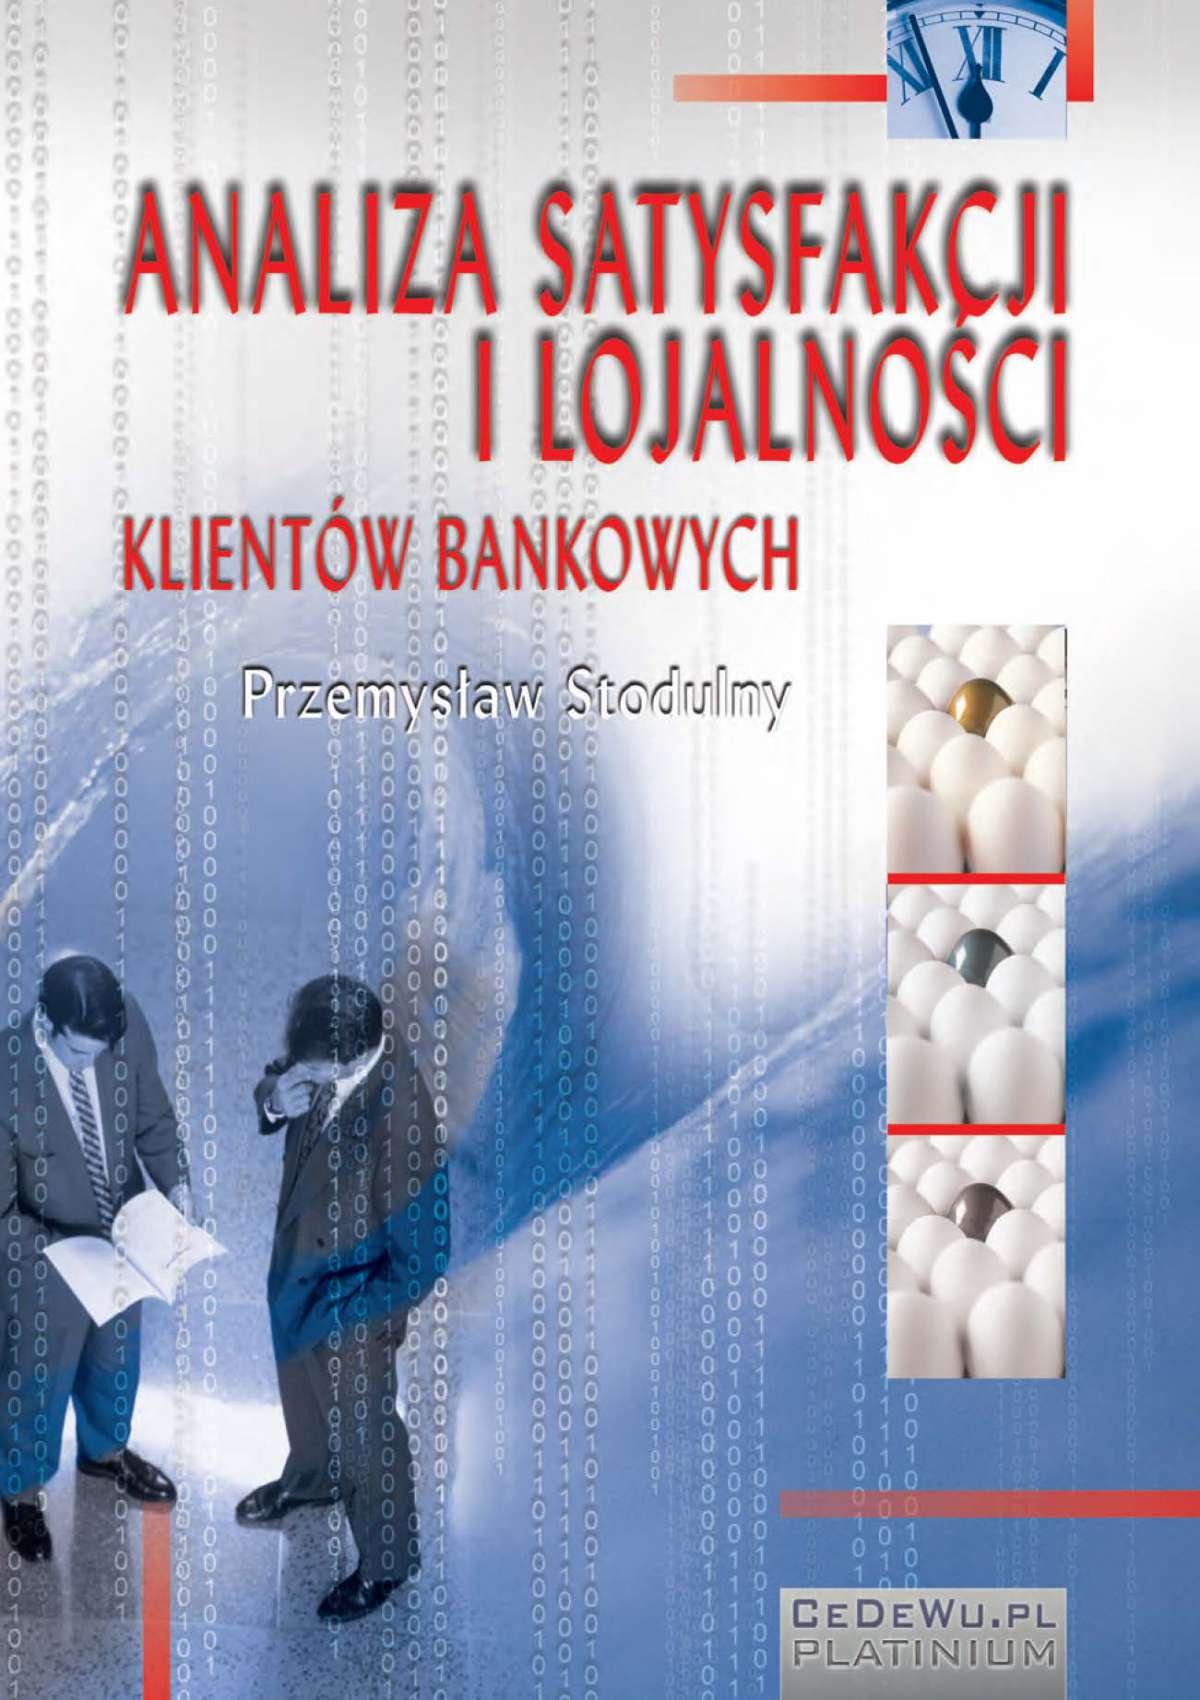 Analiza satysfakcji i lojalności klientów bankowych. Rozdział 3. Działania marketingowe banków jako narzędzia kształtowania jakości usług oraz satysfakcji i lojalności klientów - Ebook (Książka PDF) do pobrania w formacie PDF